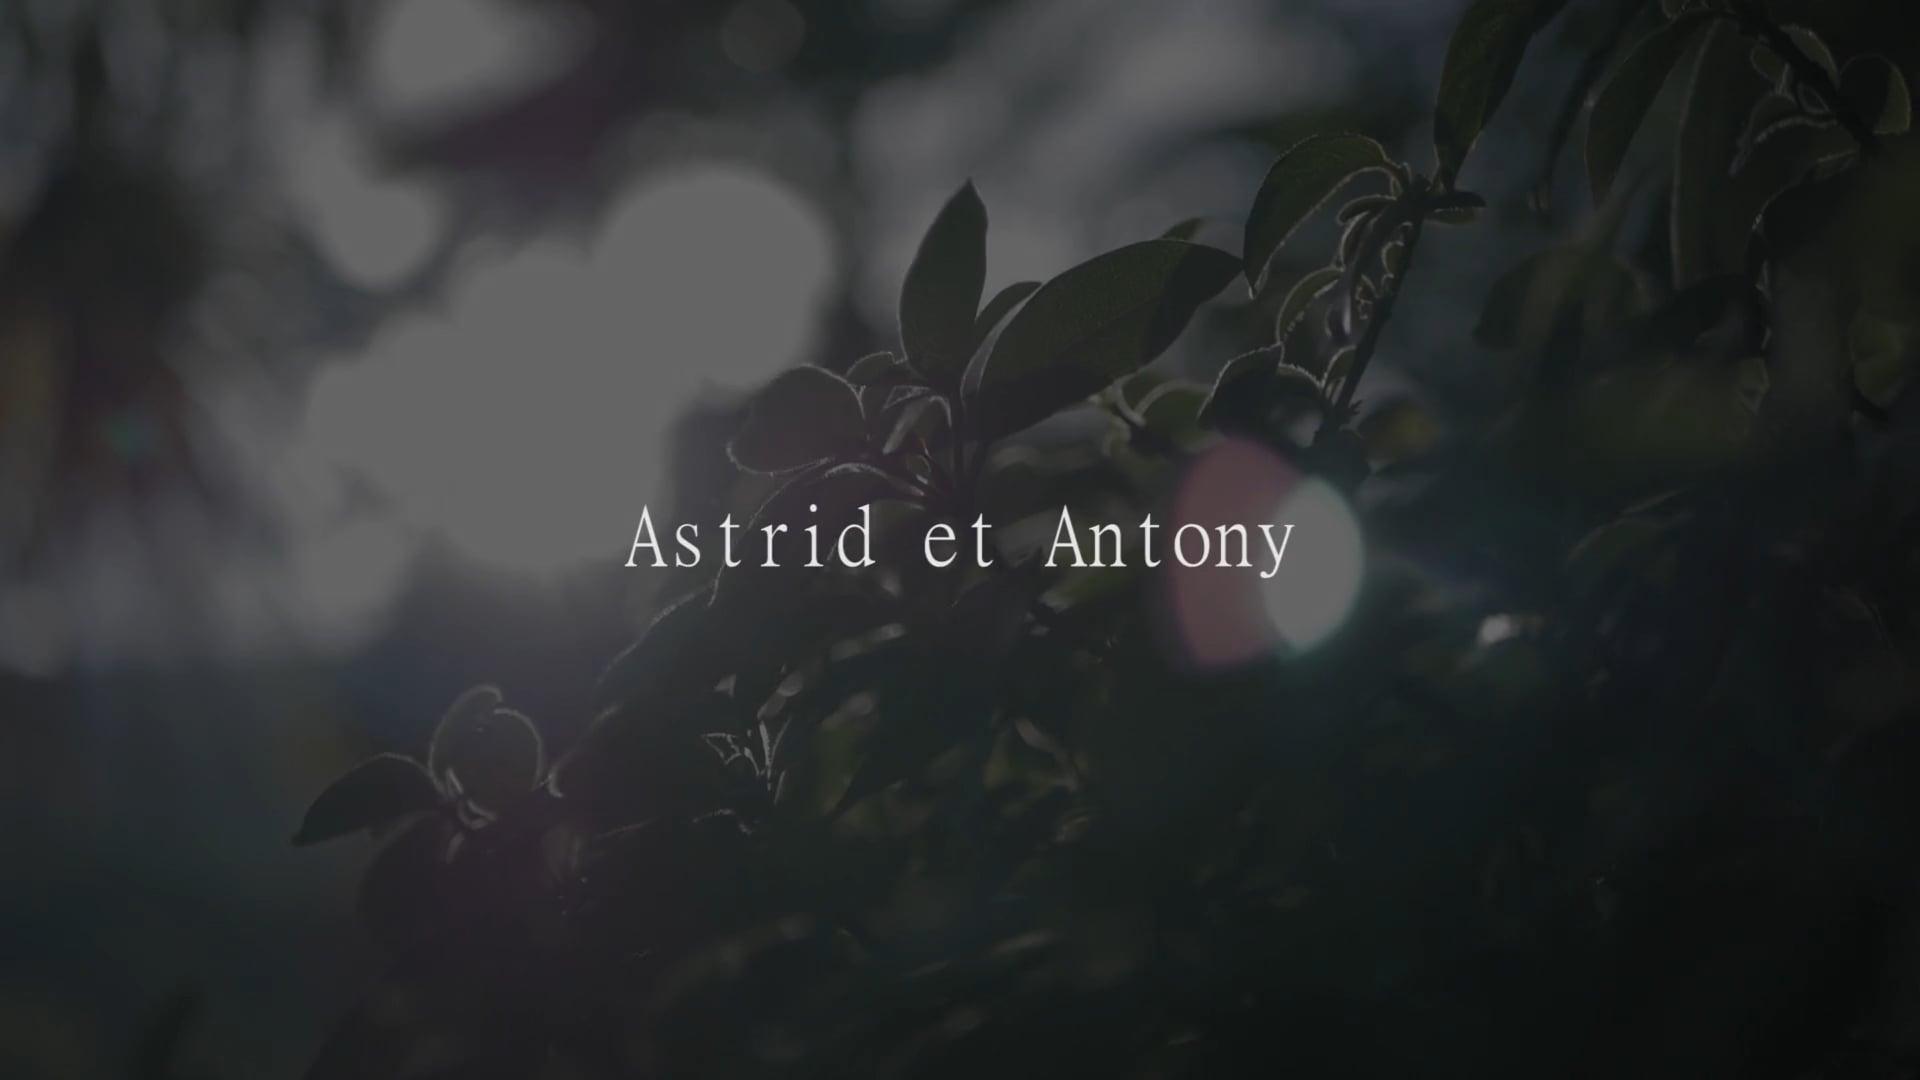 Astrid et Antony - Juin 2018